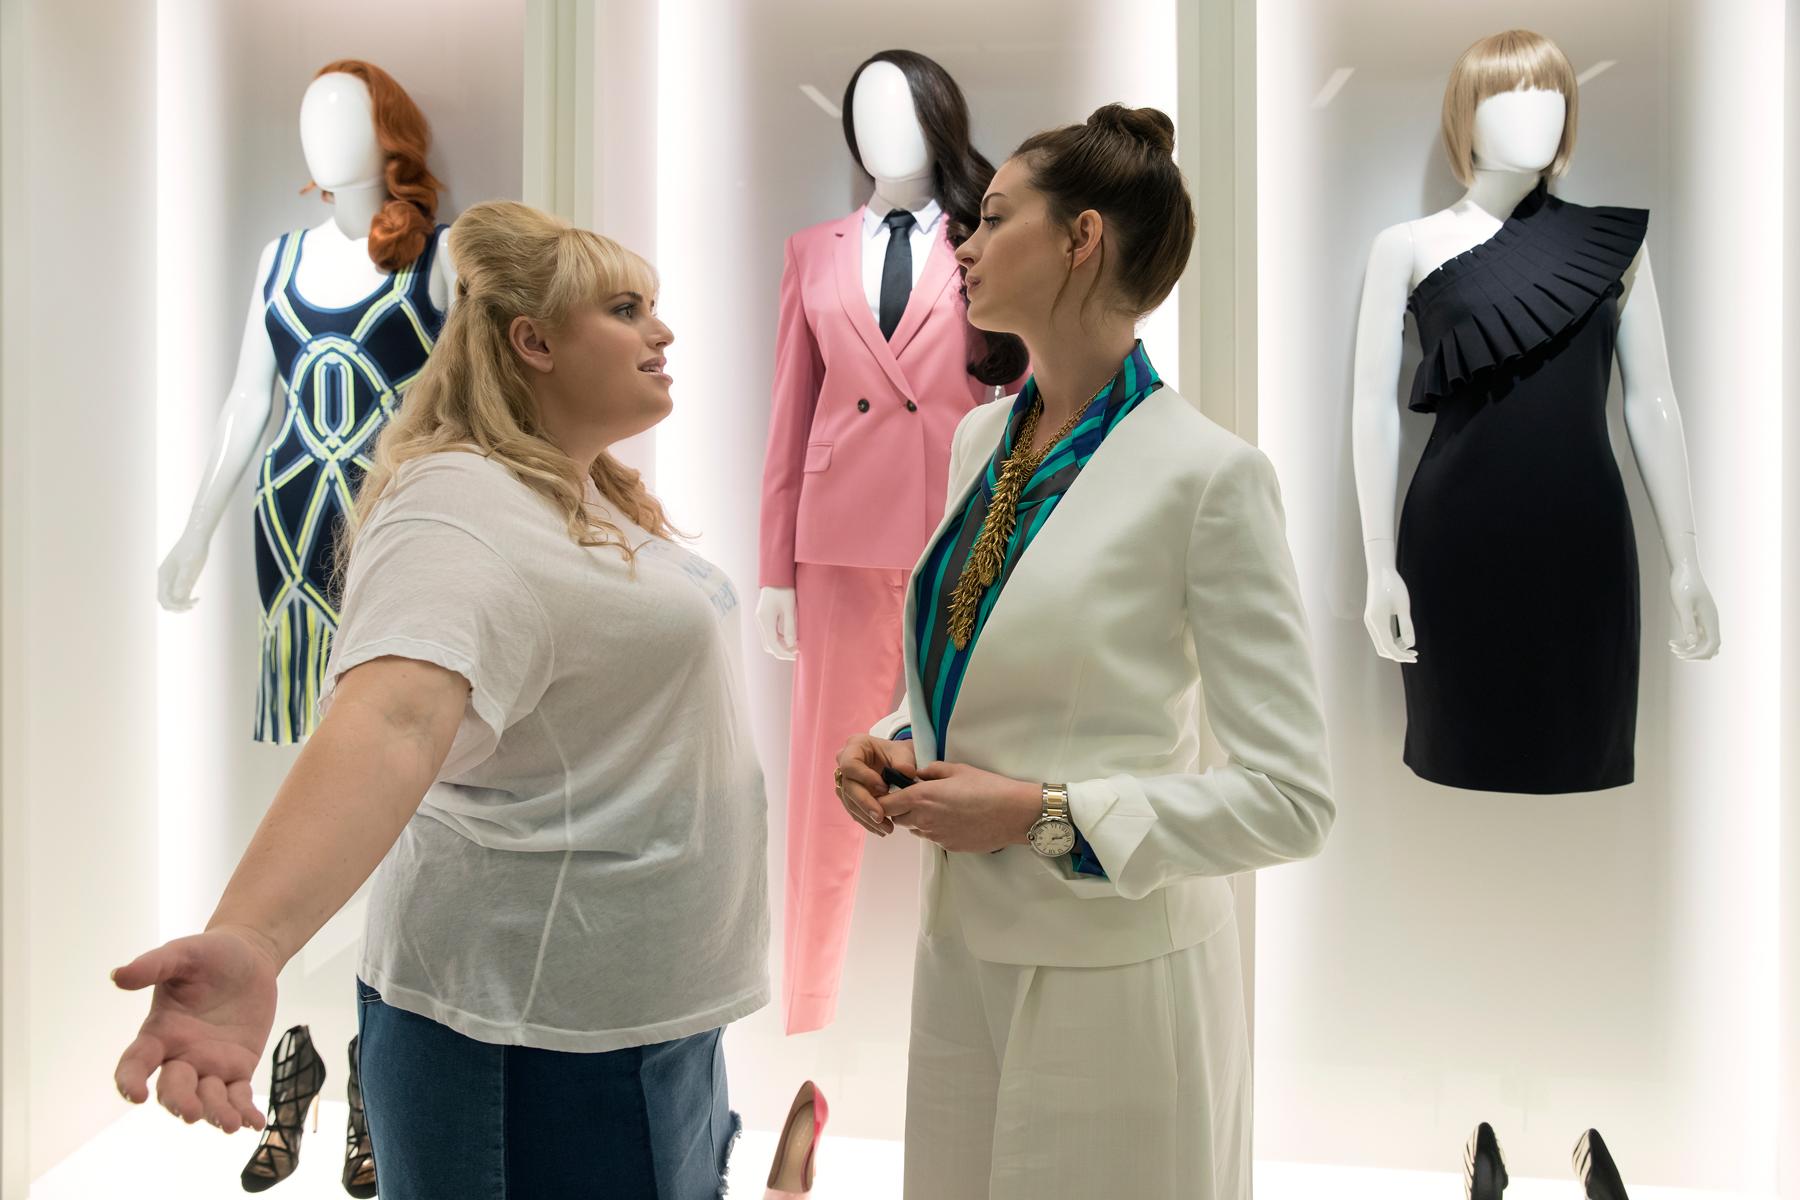 Watch Anne Hathaway, Rebel Wilson Kick Off Scam Season in 'The Hustle' Trailer